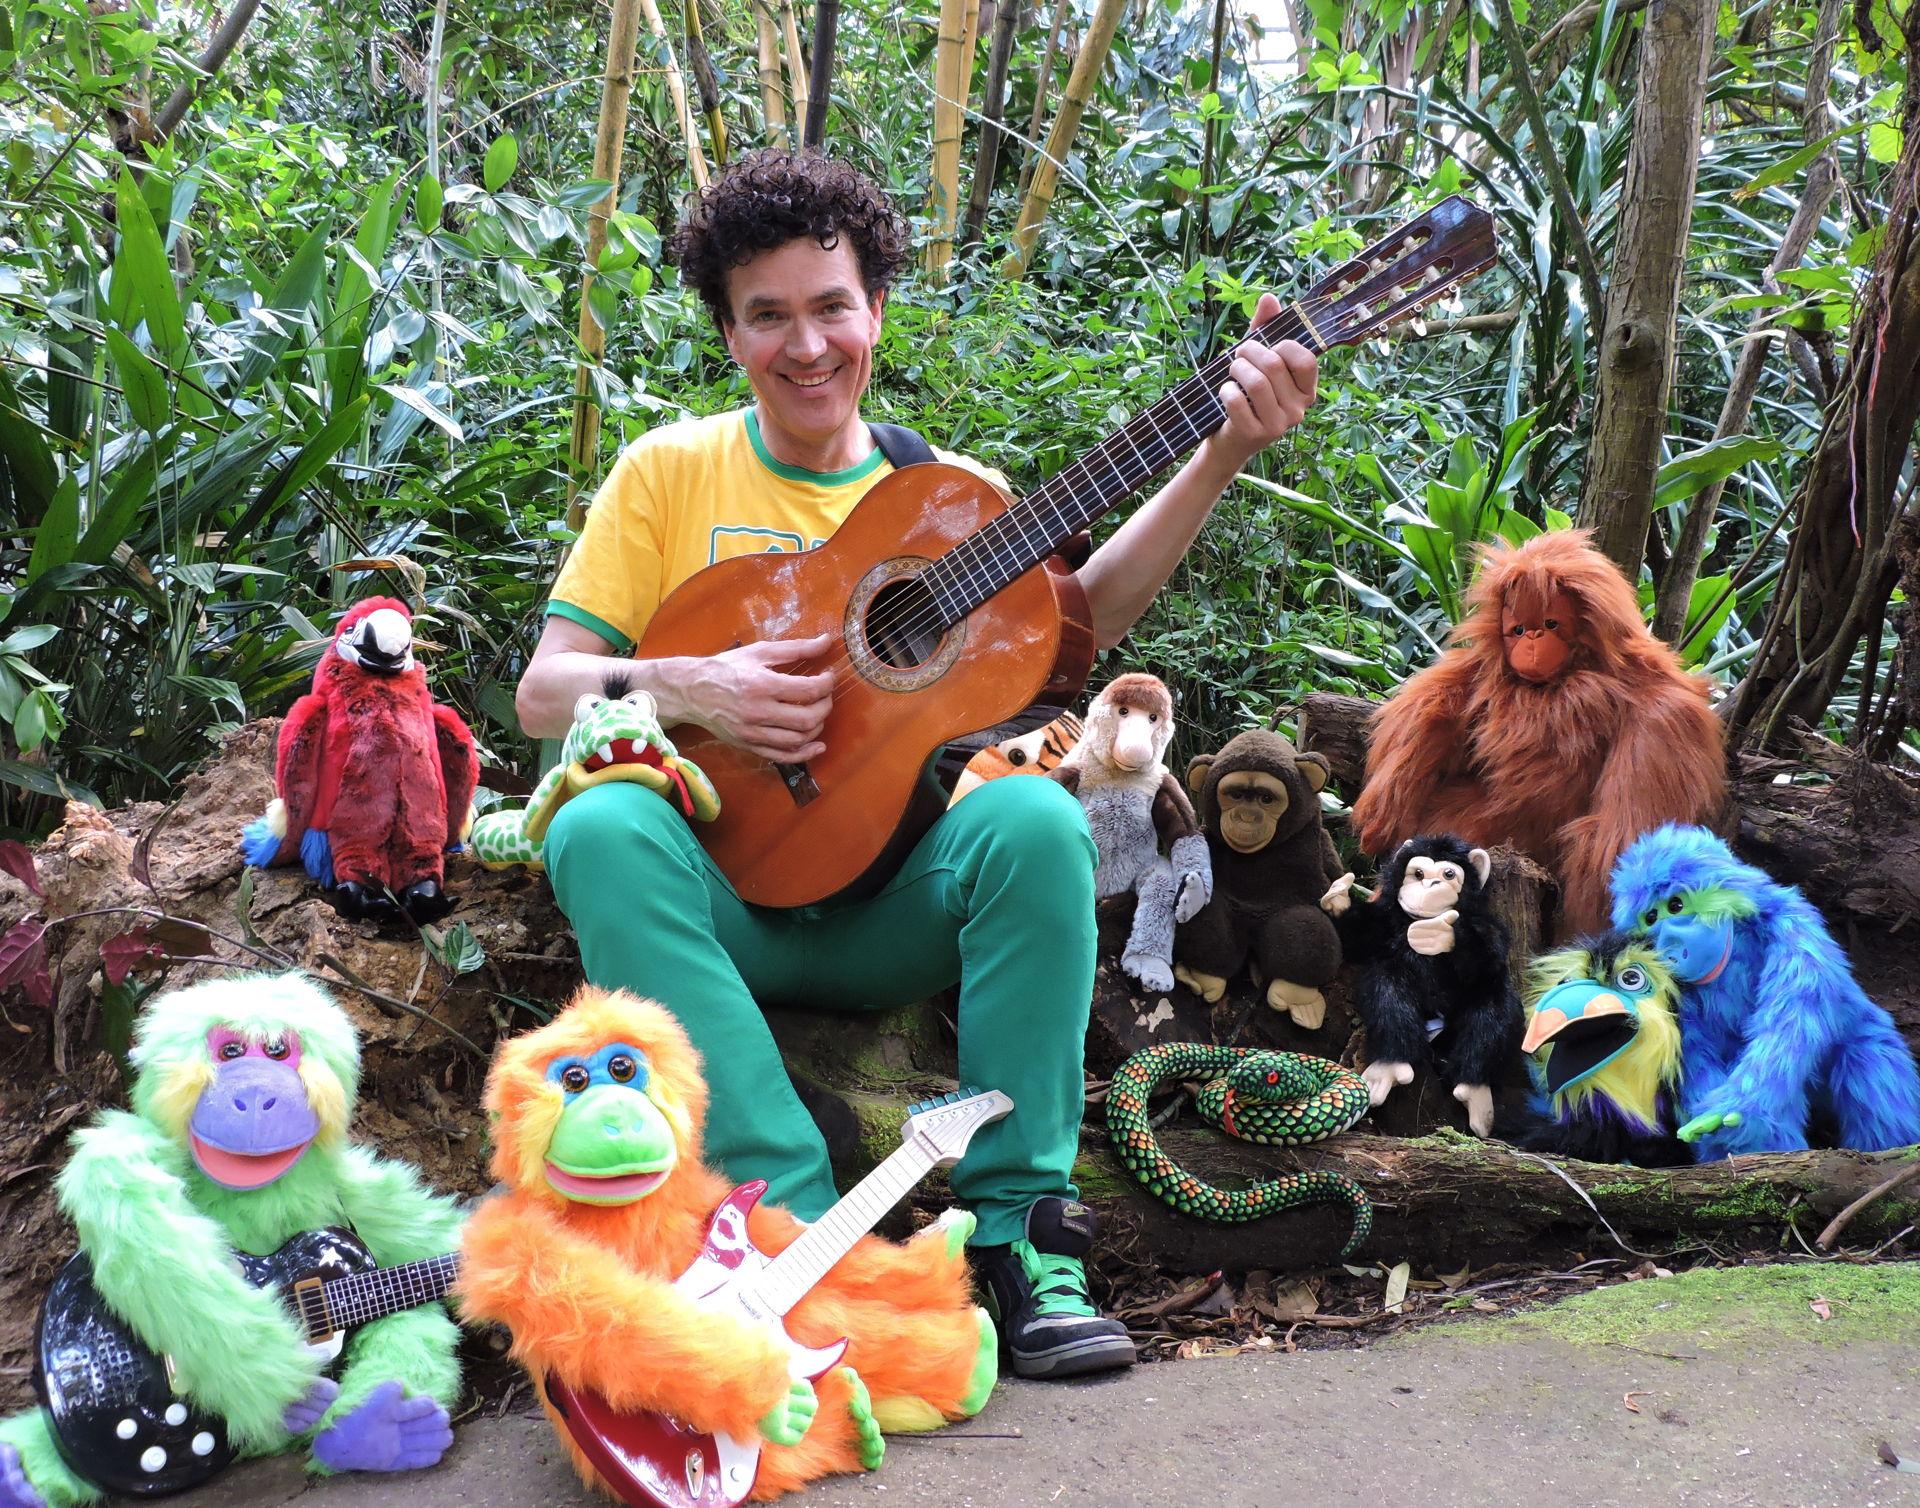 Geniet van een spetterend Jungle-Popconcert met bekende en nieuwe liedjes van Dirk Scheele en doe mee aan de talentenjacht De Roep van de Jungle, waarbij jij samen met de andere kinderen en de dieren strijdt om een plekje op het podium bij Dirk en zijn muzikanten.